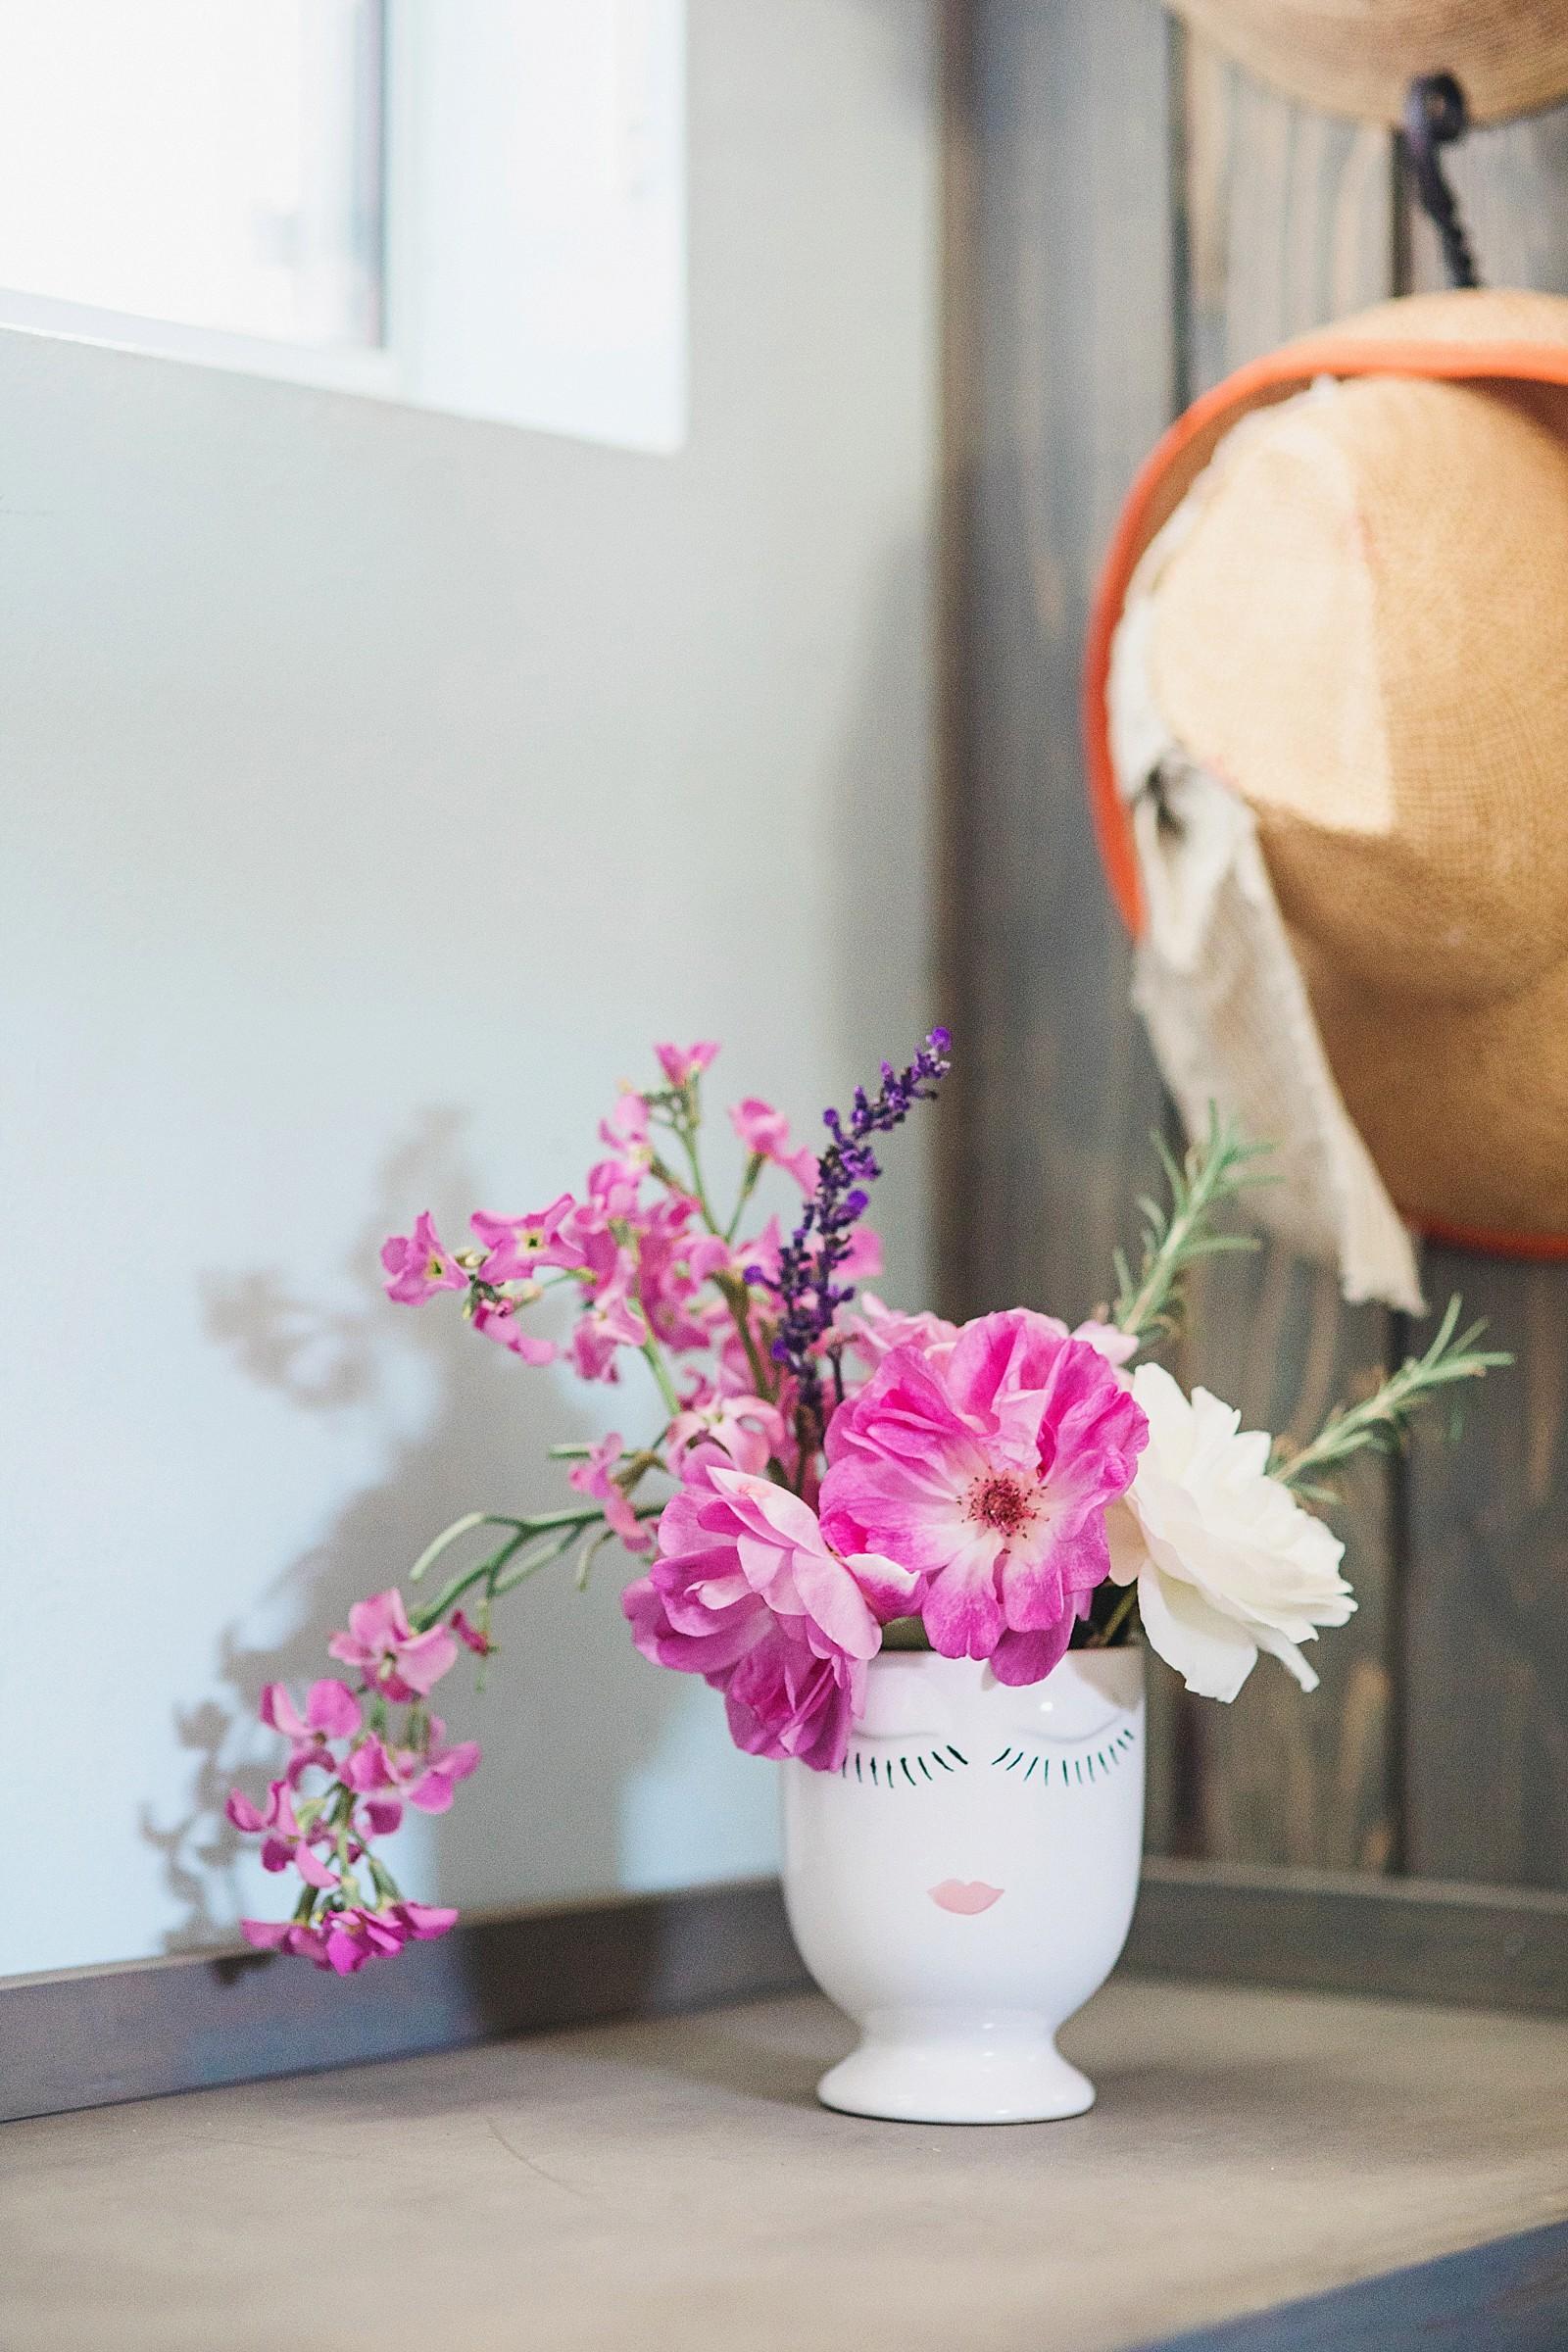 selfie celfie vase roses cute face vase